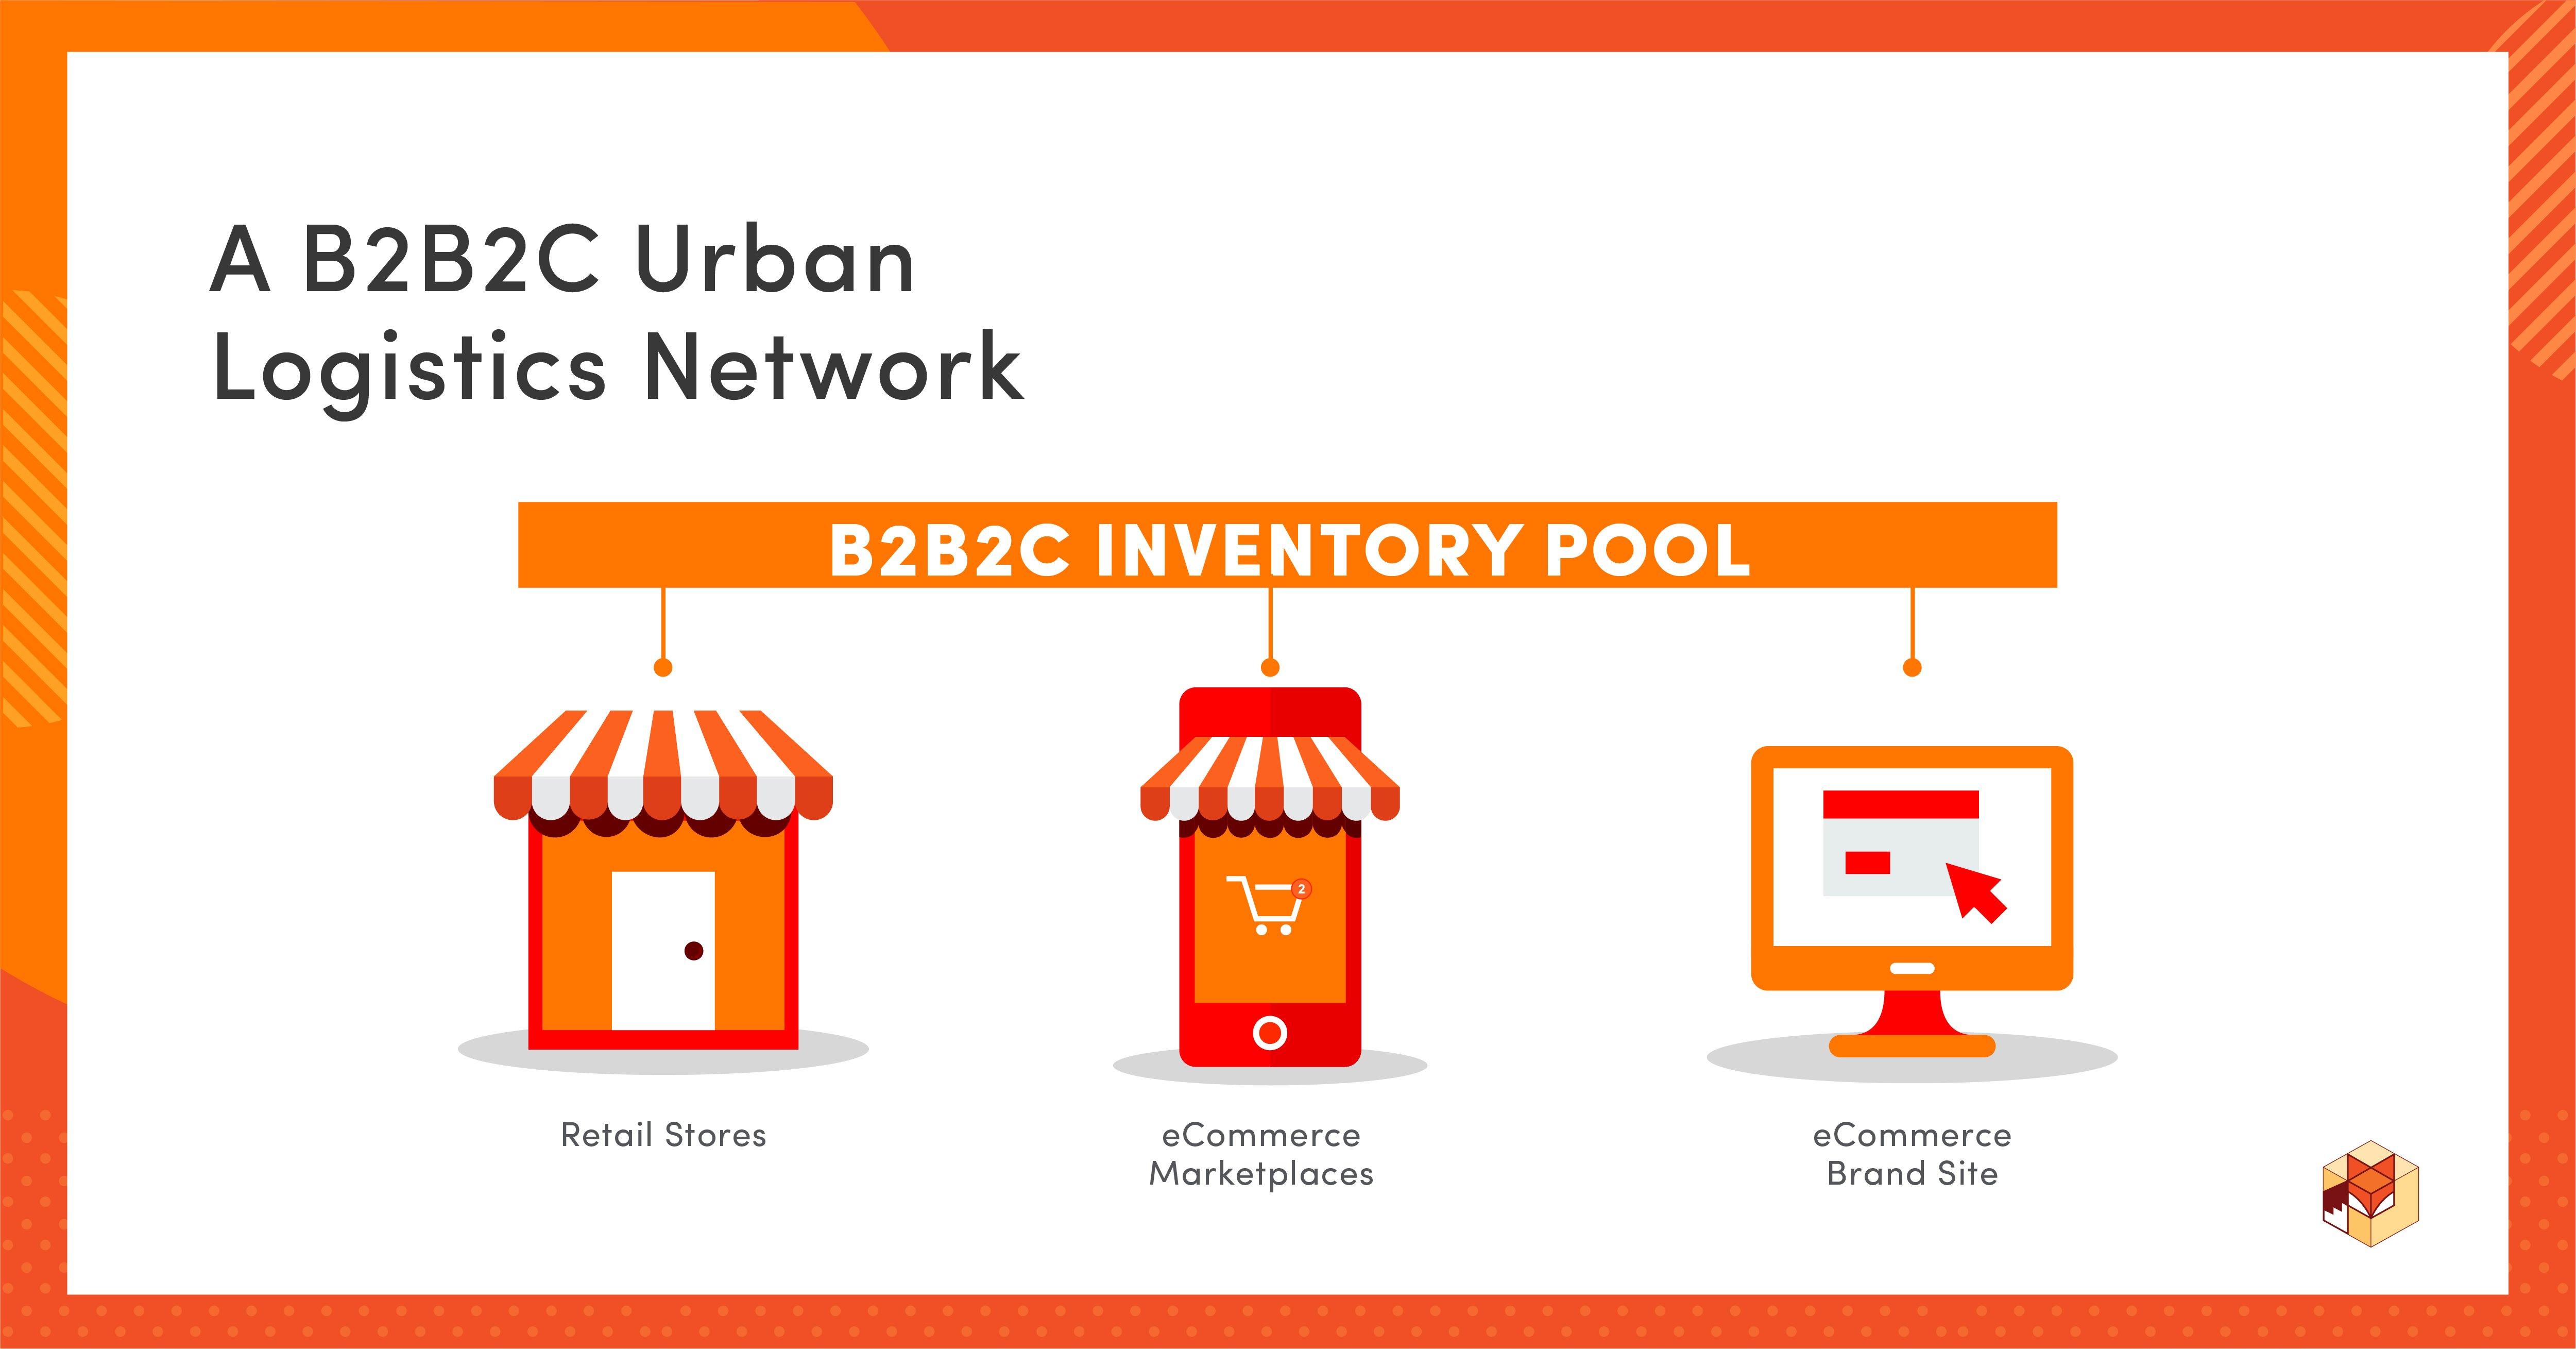 B2B2C Urban Logistics Network